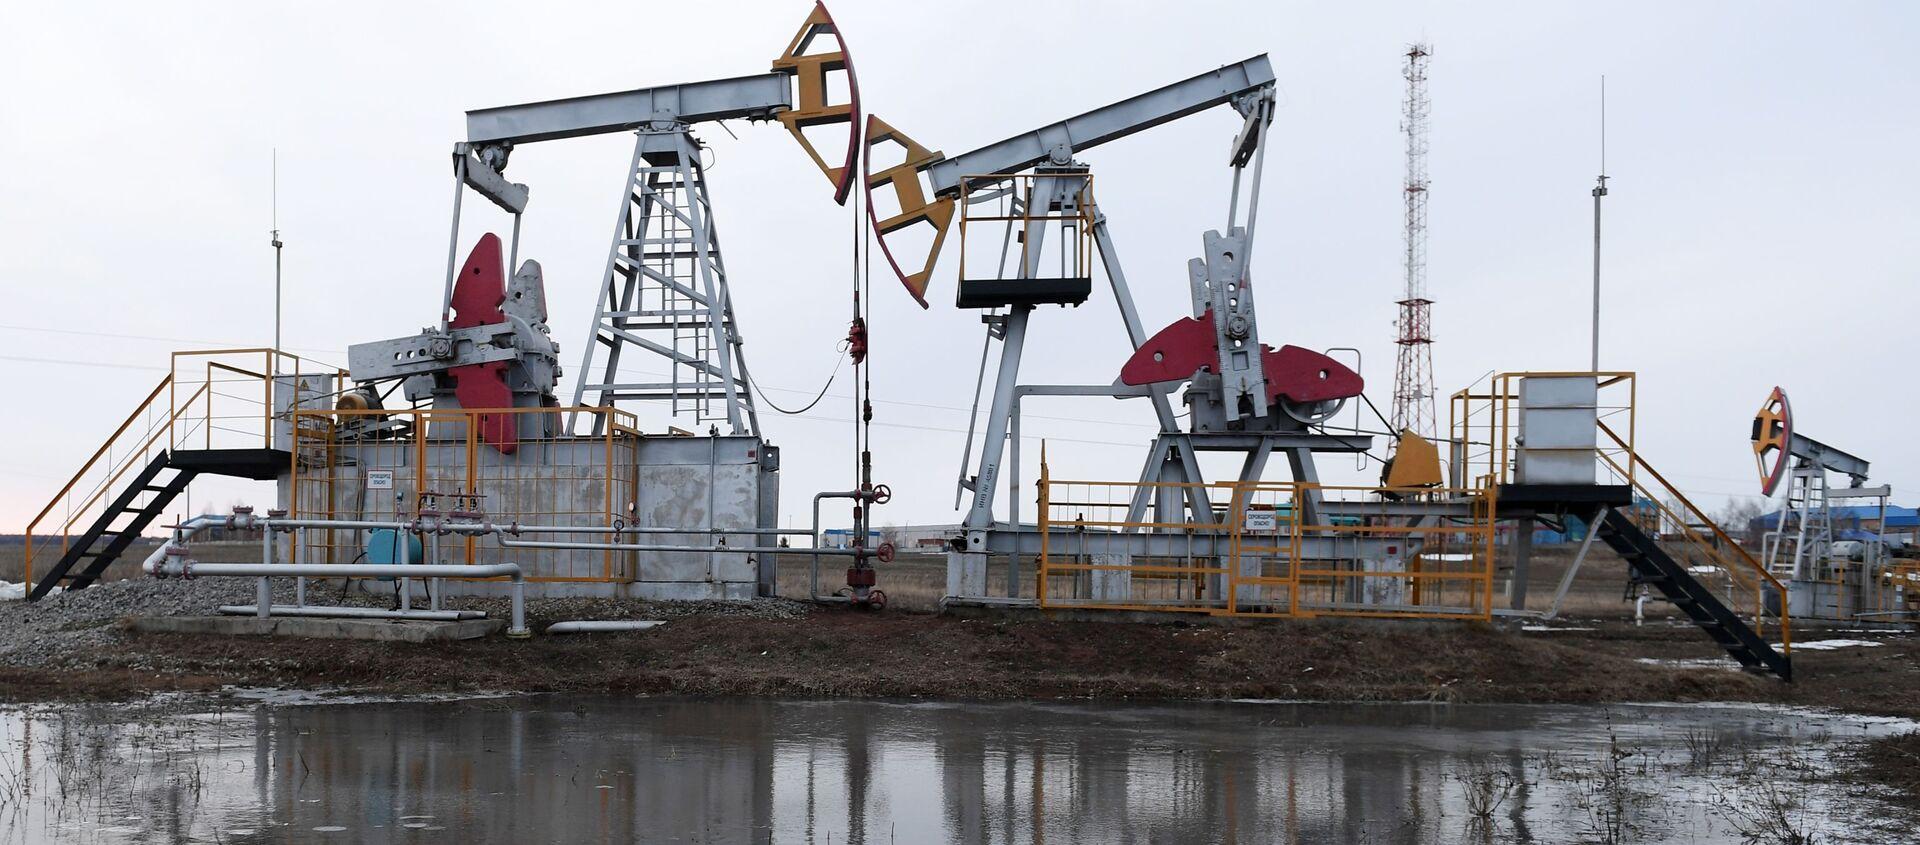 Нефтяные качалки - Sputnik Армения, 1920, 31.03.2021